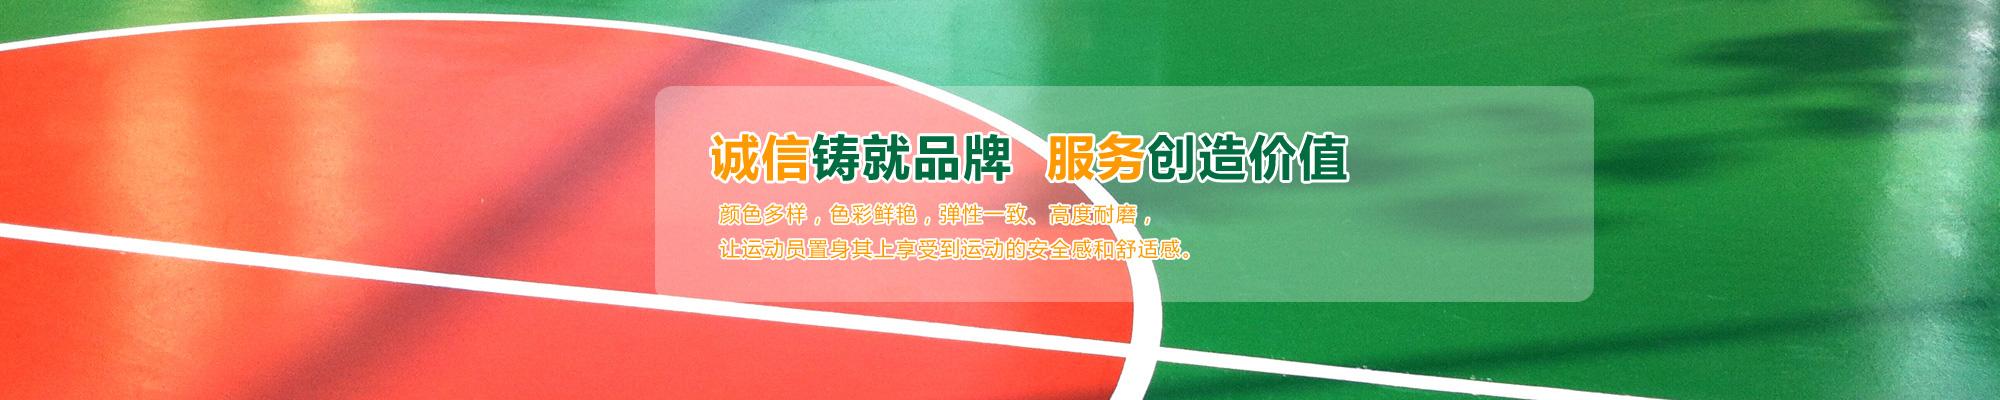 甘肃华晨体育设施有限公司